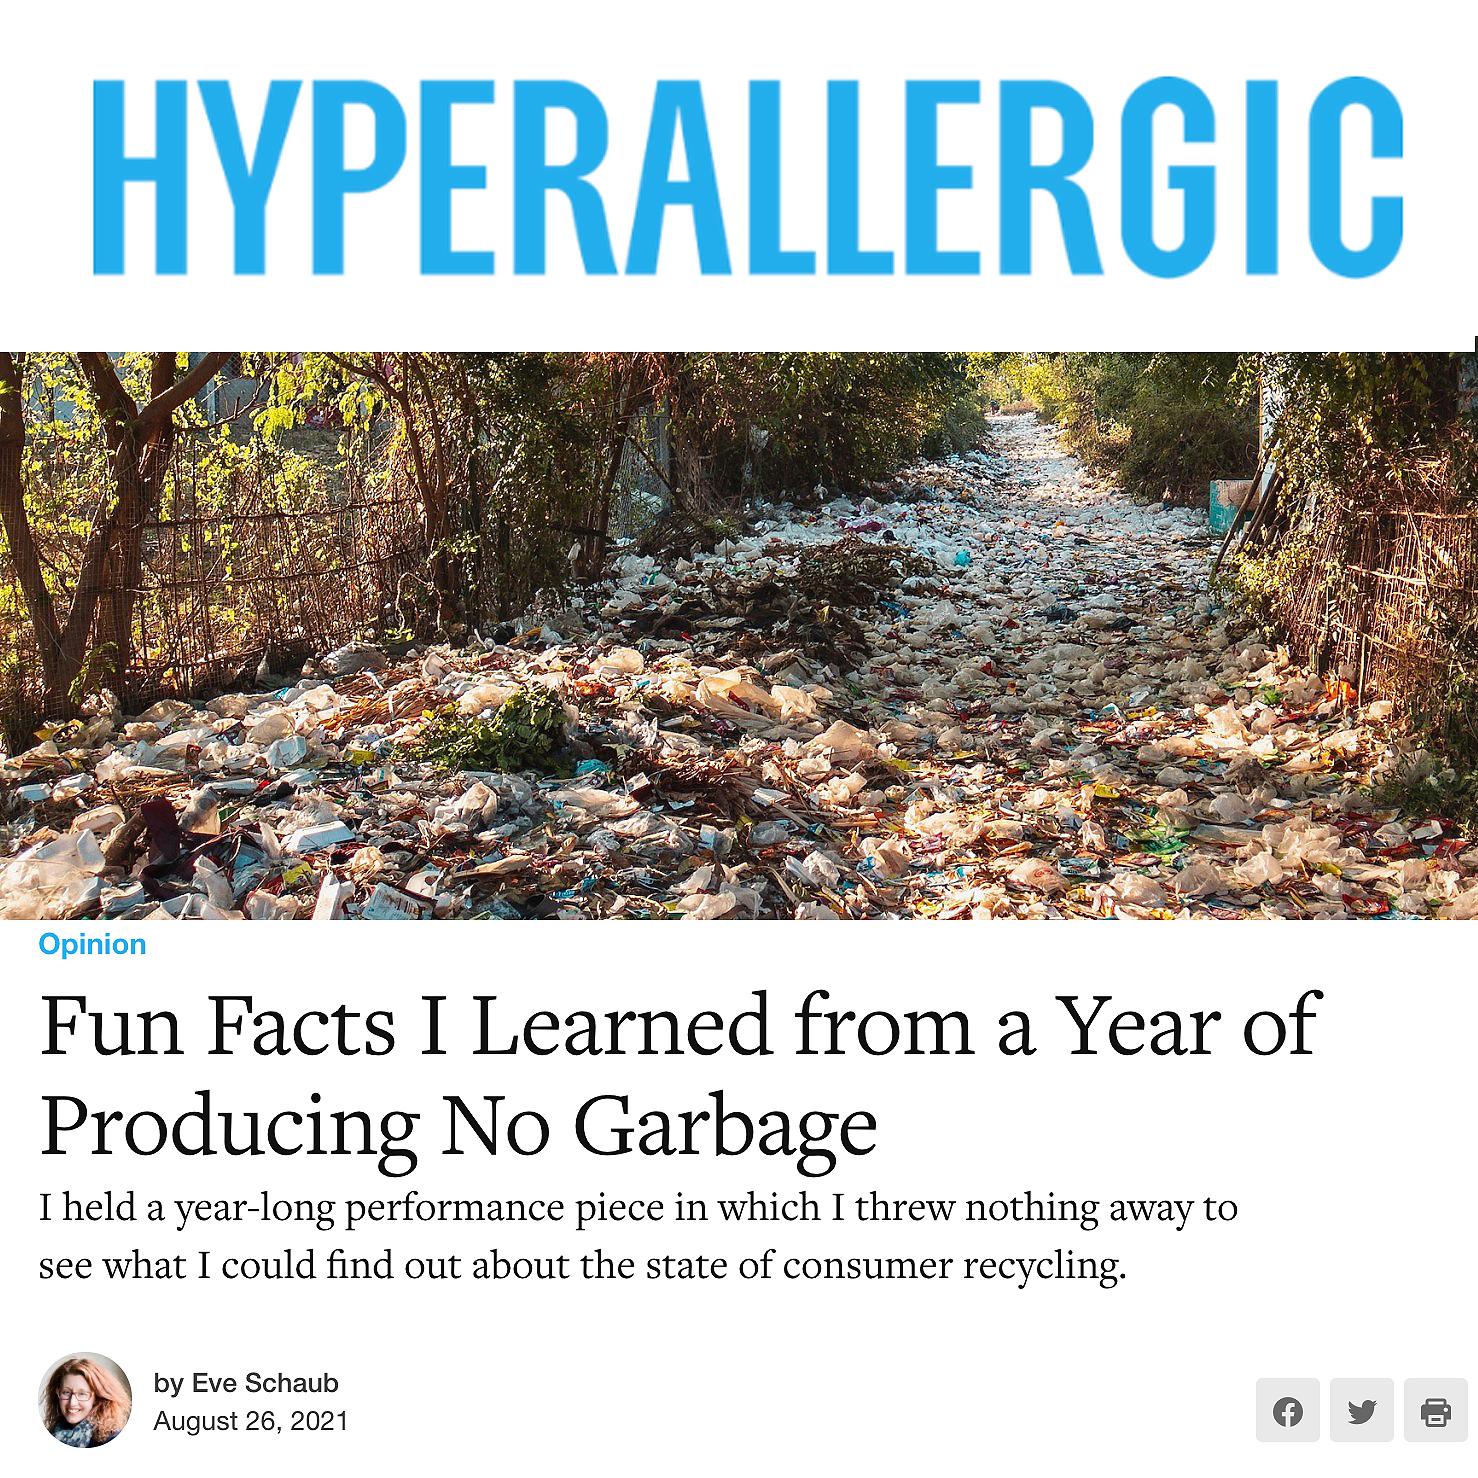 hyperalergic_eveschaub